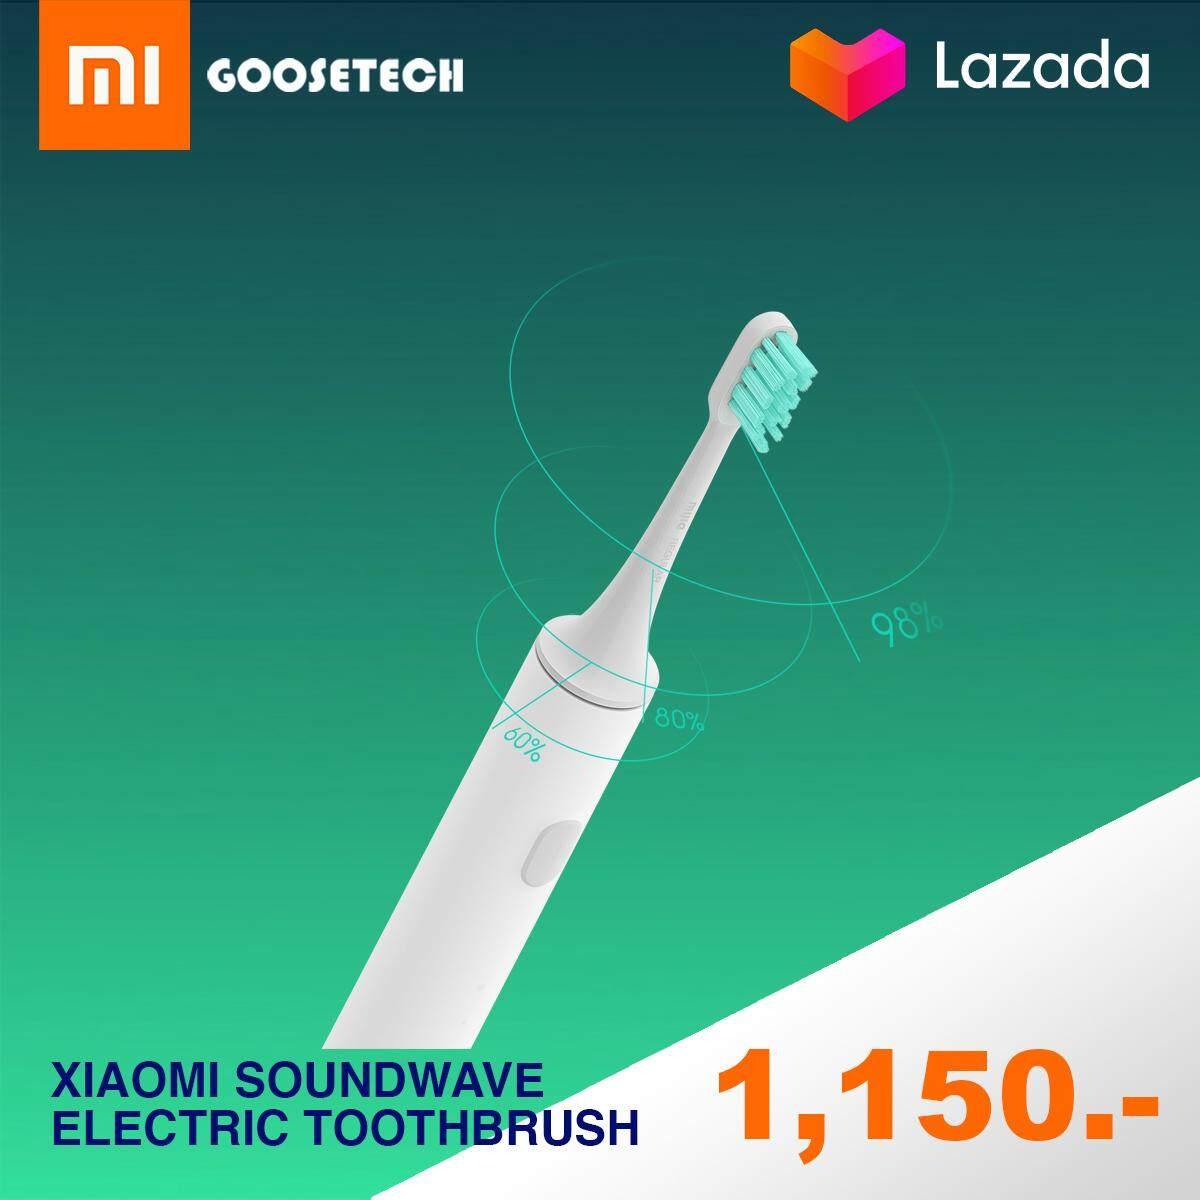 กระเป๋าเป้ นักเรียน ผู้หญิง วัยรุ่น นครสวรรค์ Mi Electric Toothbrush แปรงสีฟันไฟฟ้า